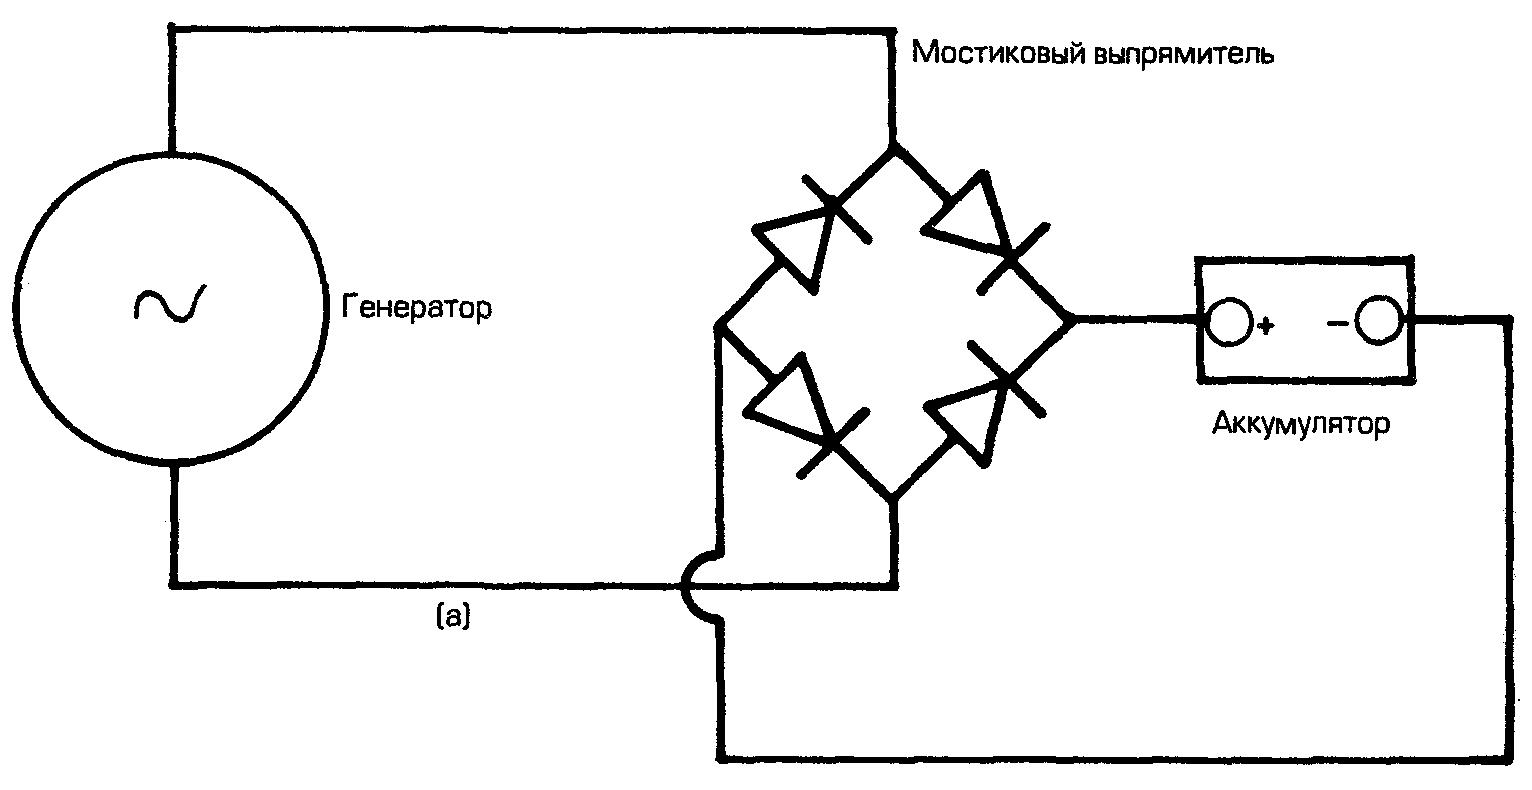 Схема мостового прибора